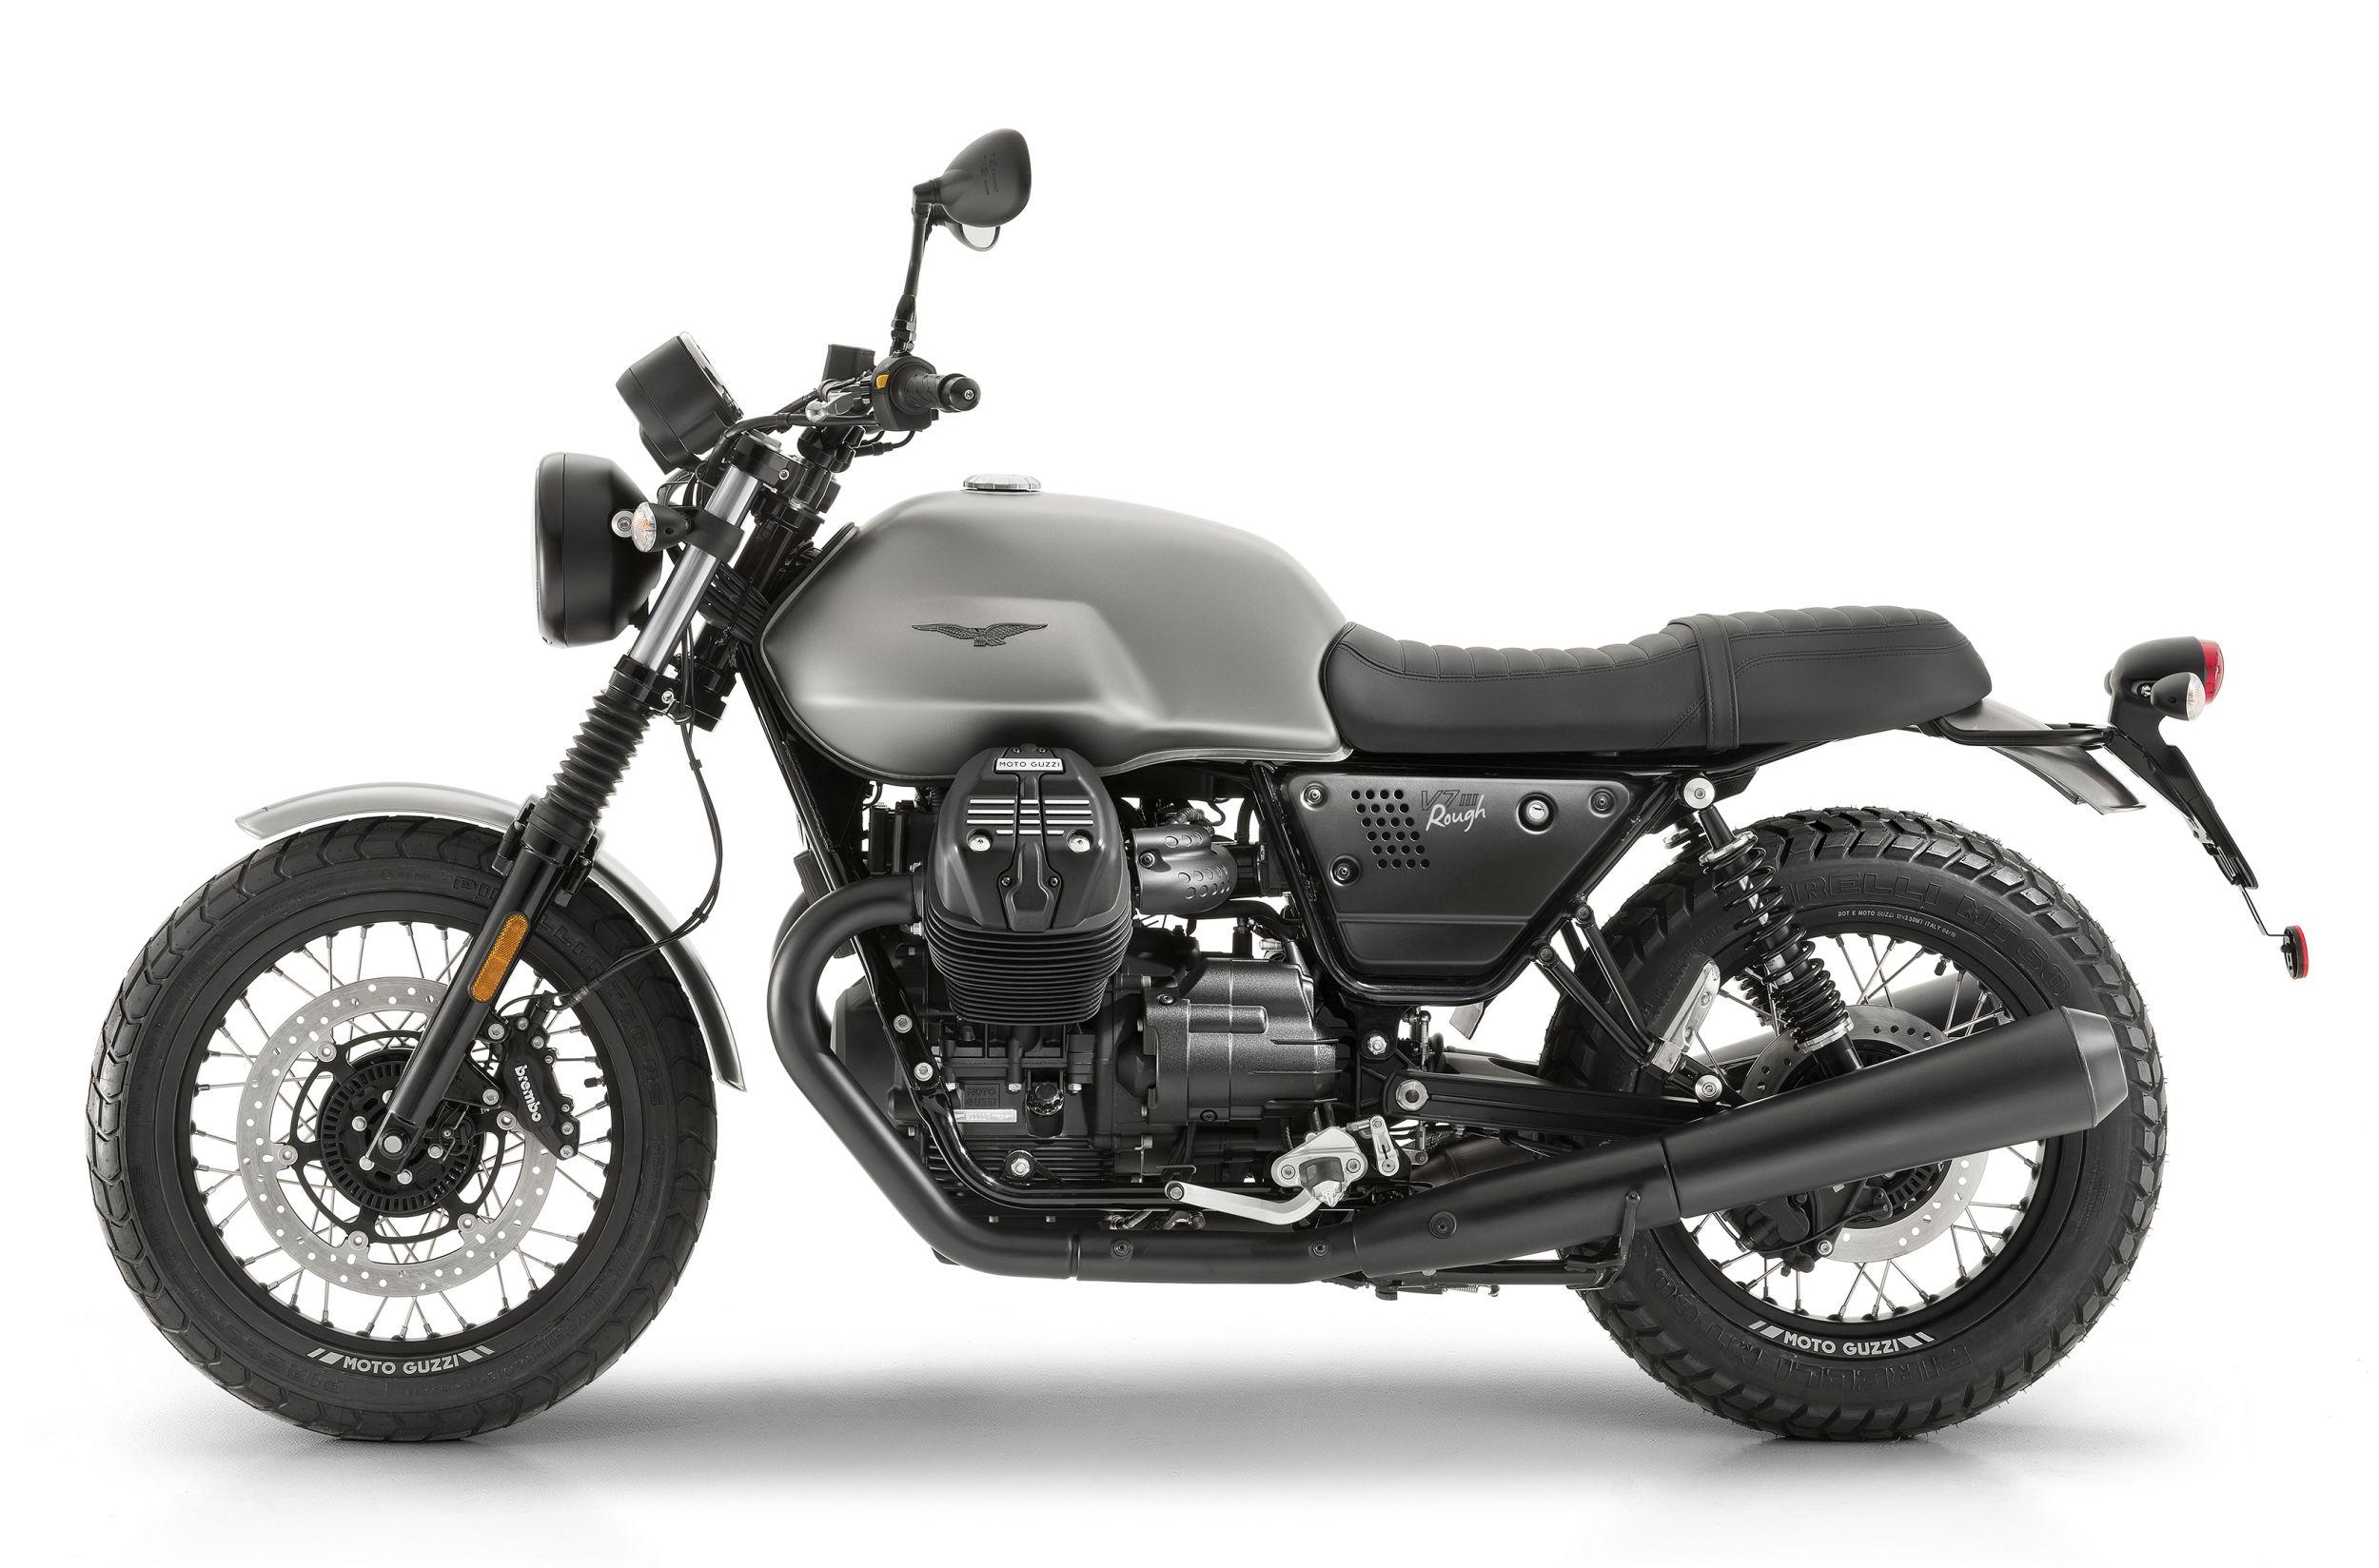 gebrauchte und neue moto guzzi v7 iii rough motorr der kaufen. Black Bedroom Furniture Sets. Home Design Ideas